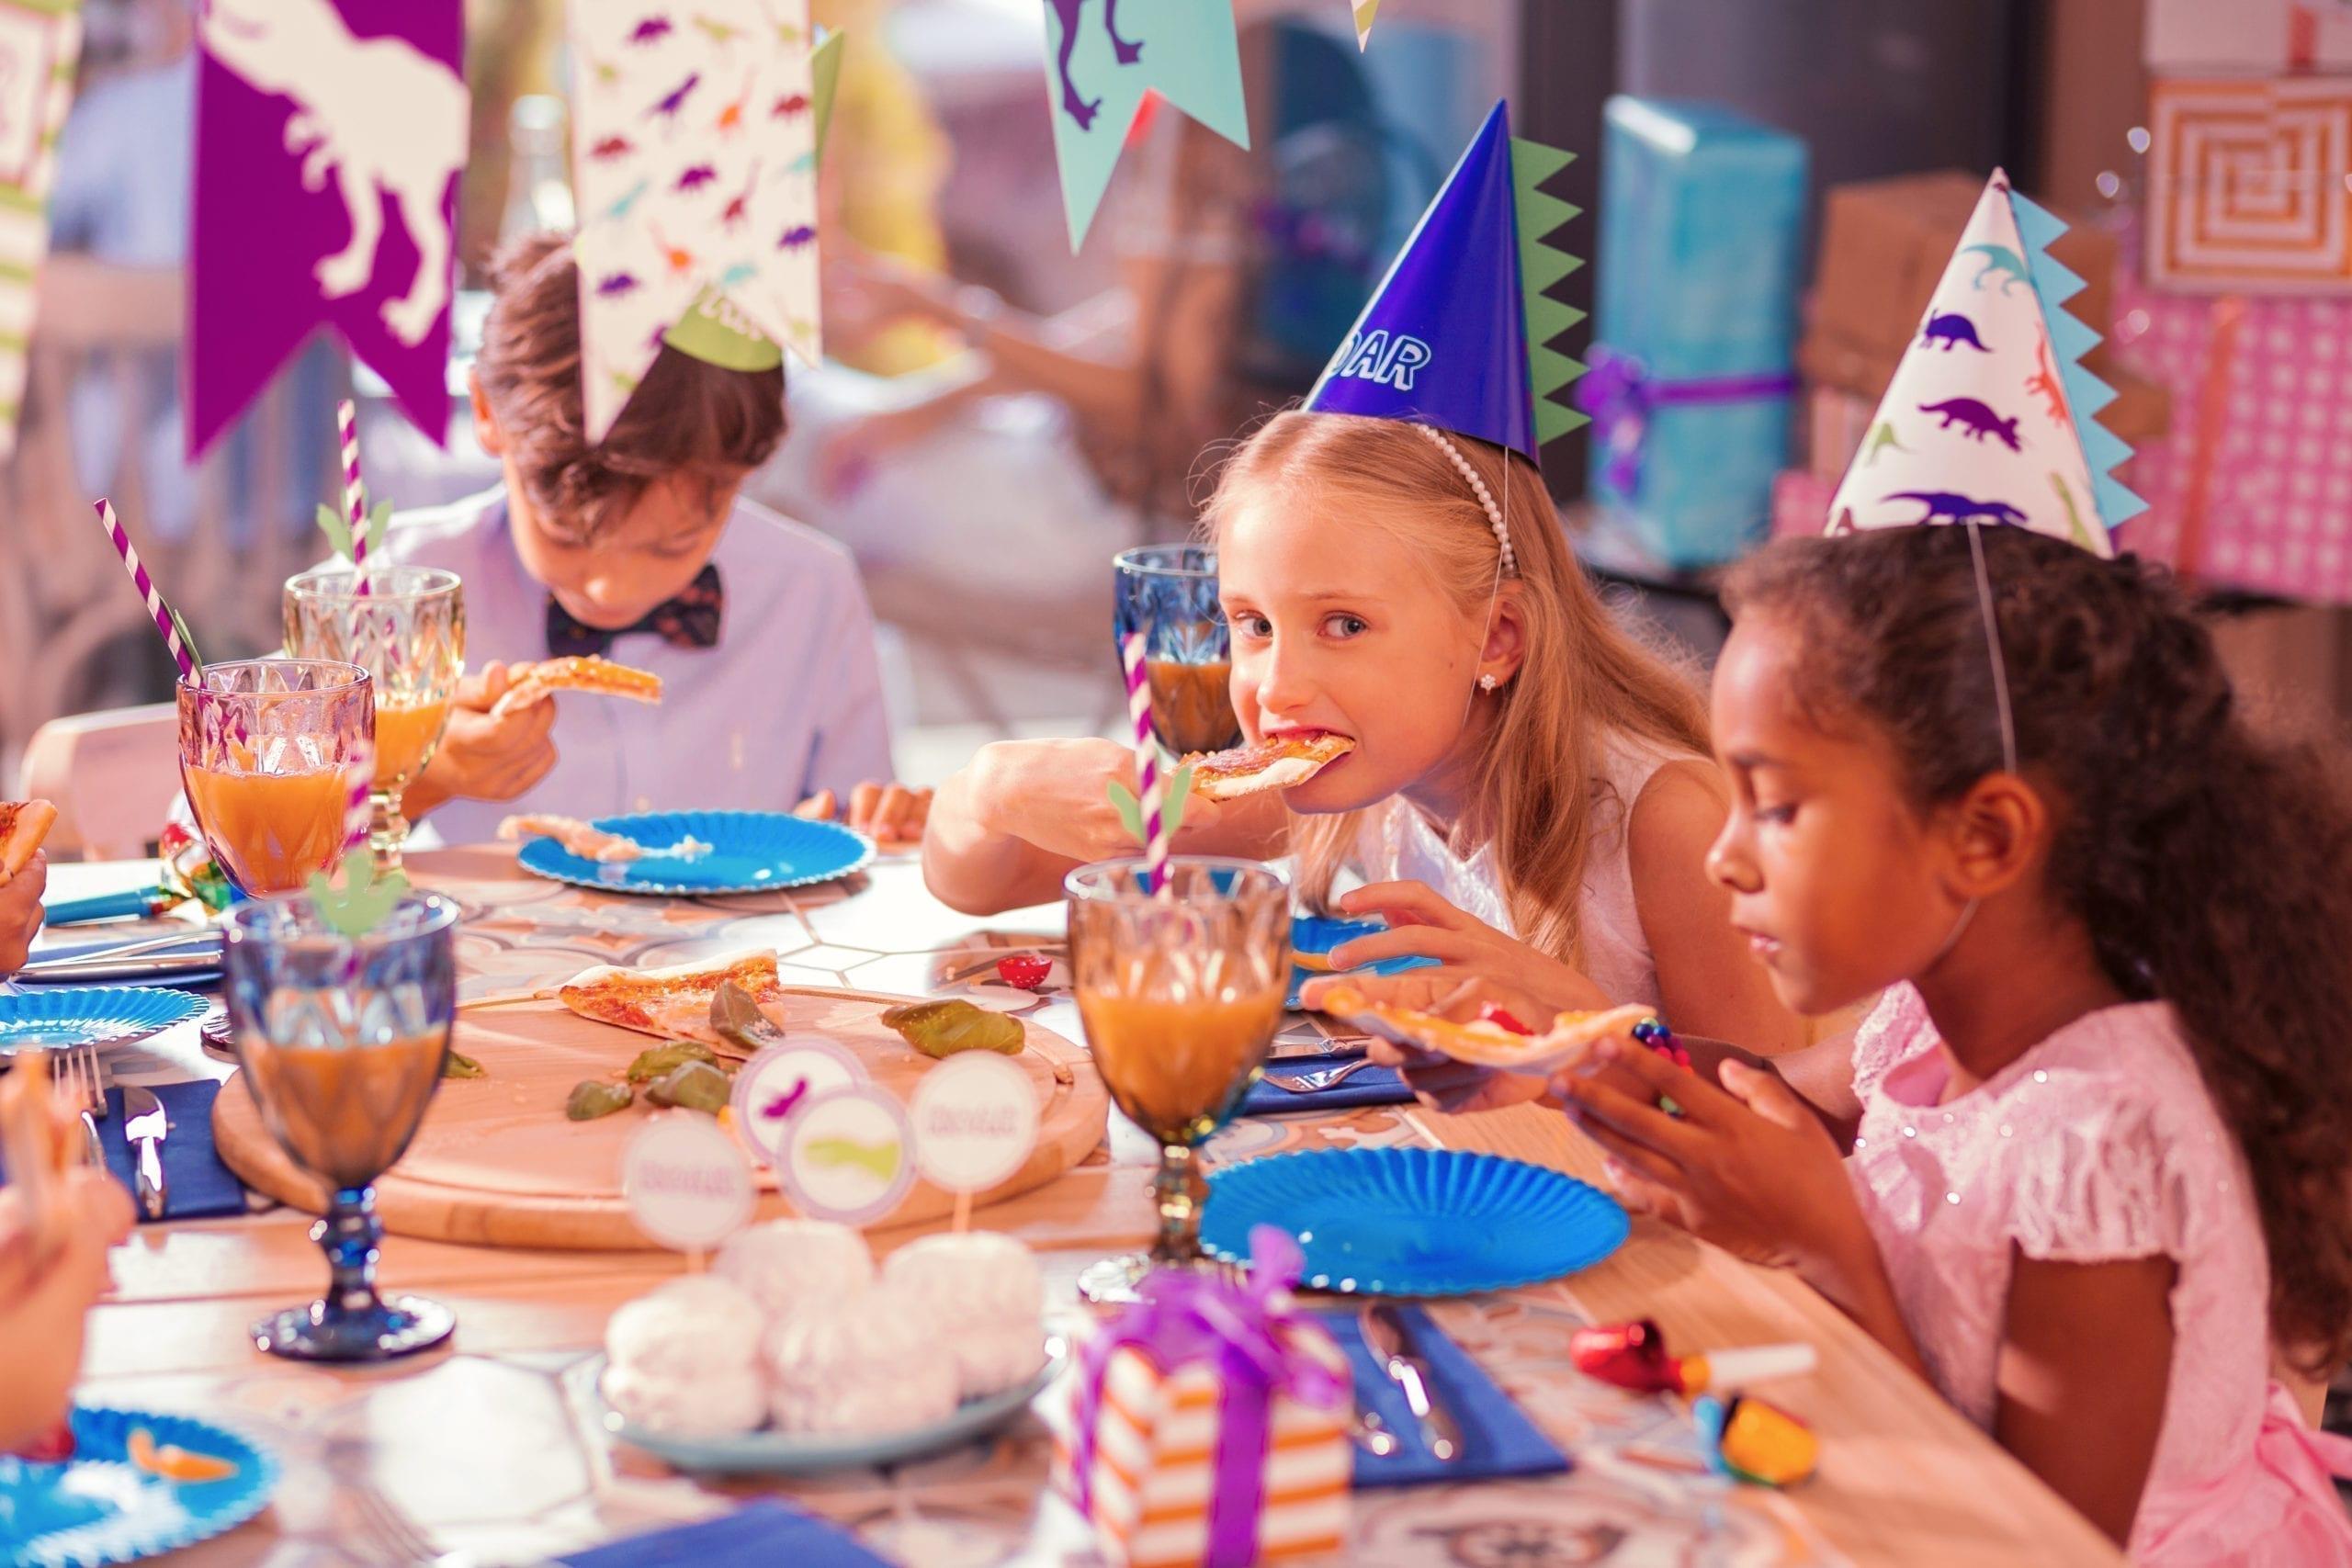 enfant allergique à un goûter d'anniversaire